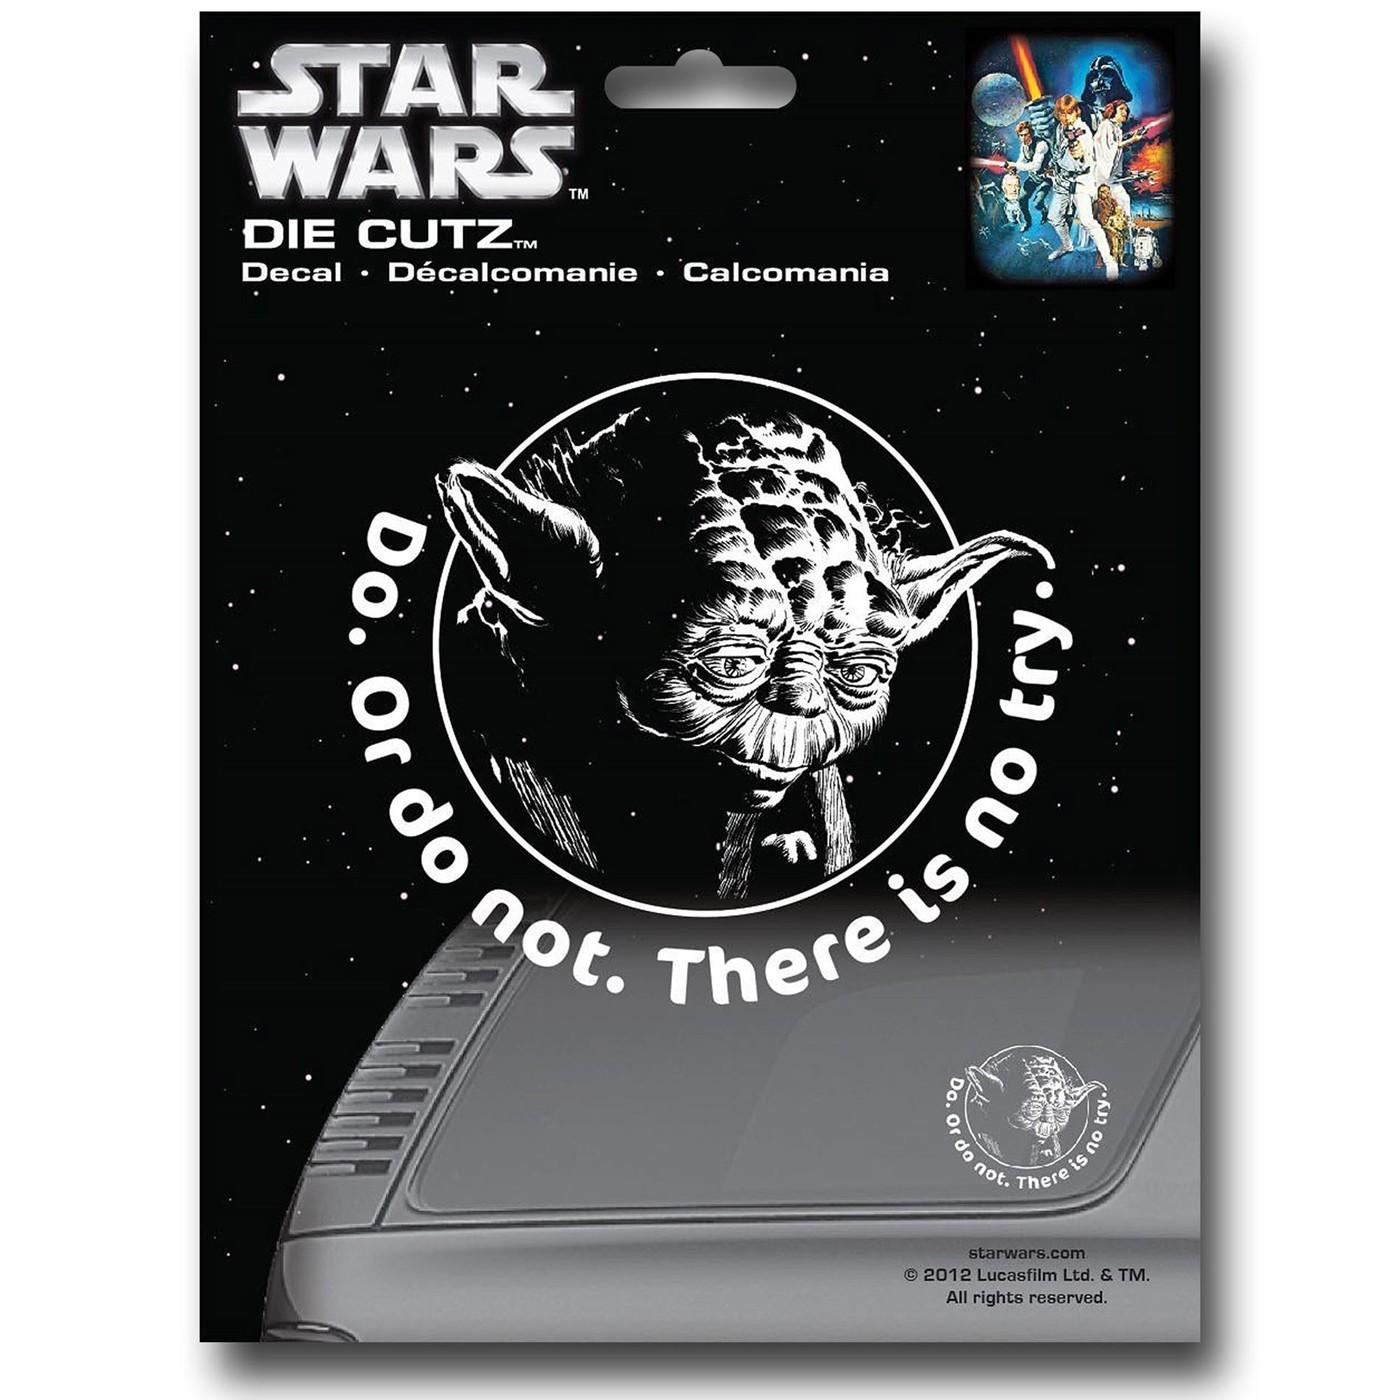 Star Wars Yoda Die Cut Decal